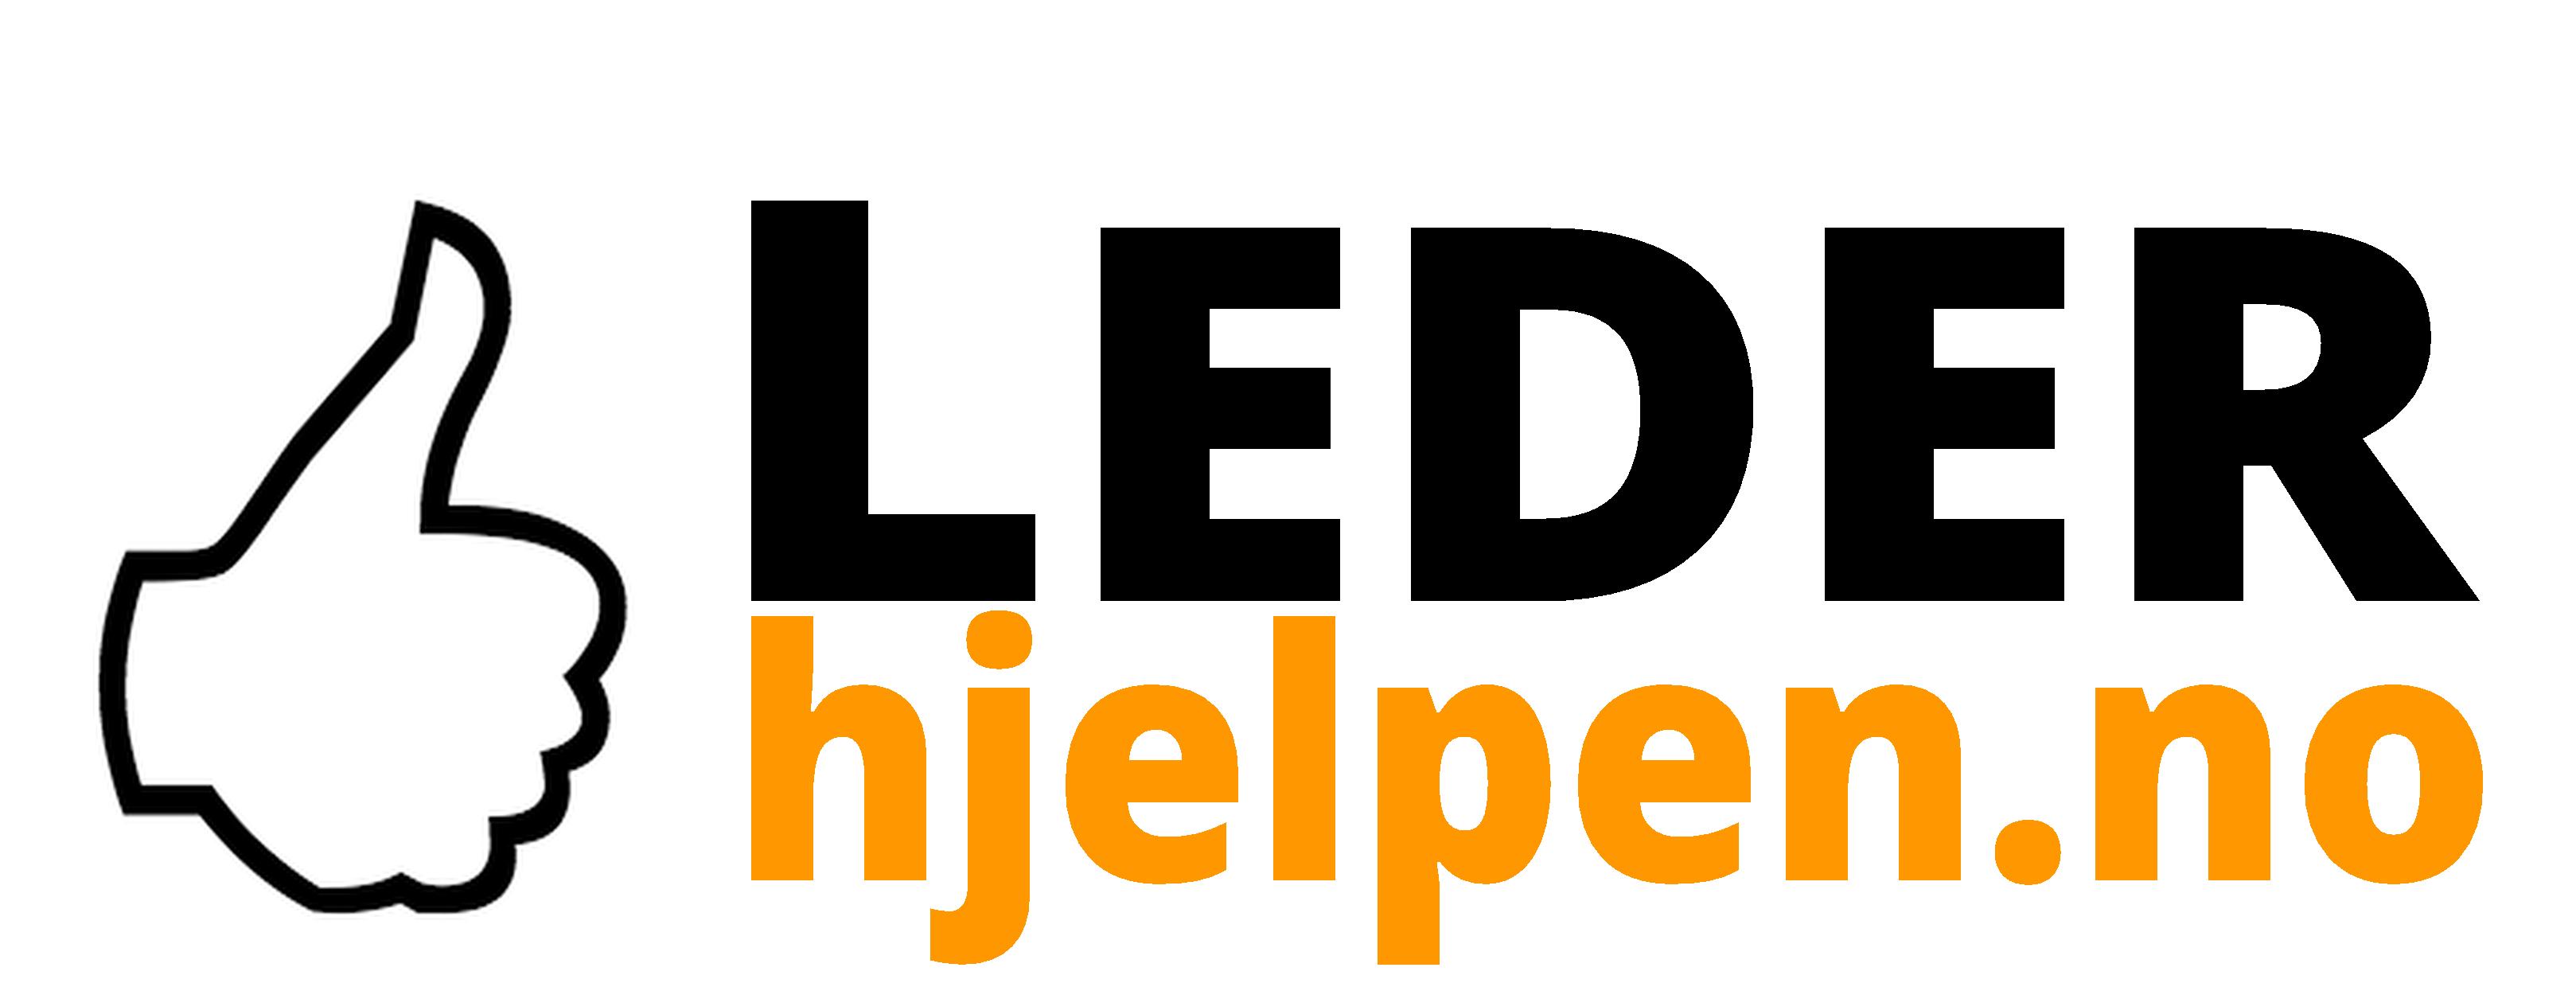 Lederhjelpen's logo.